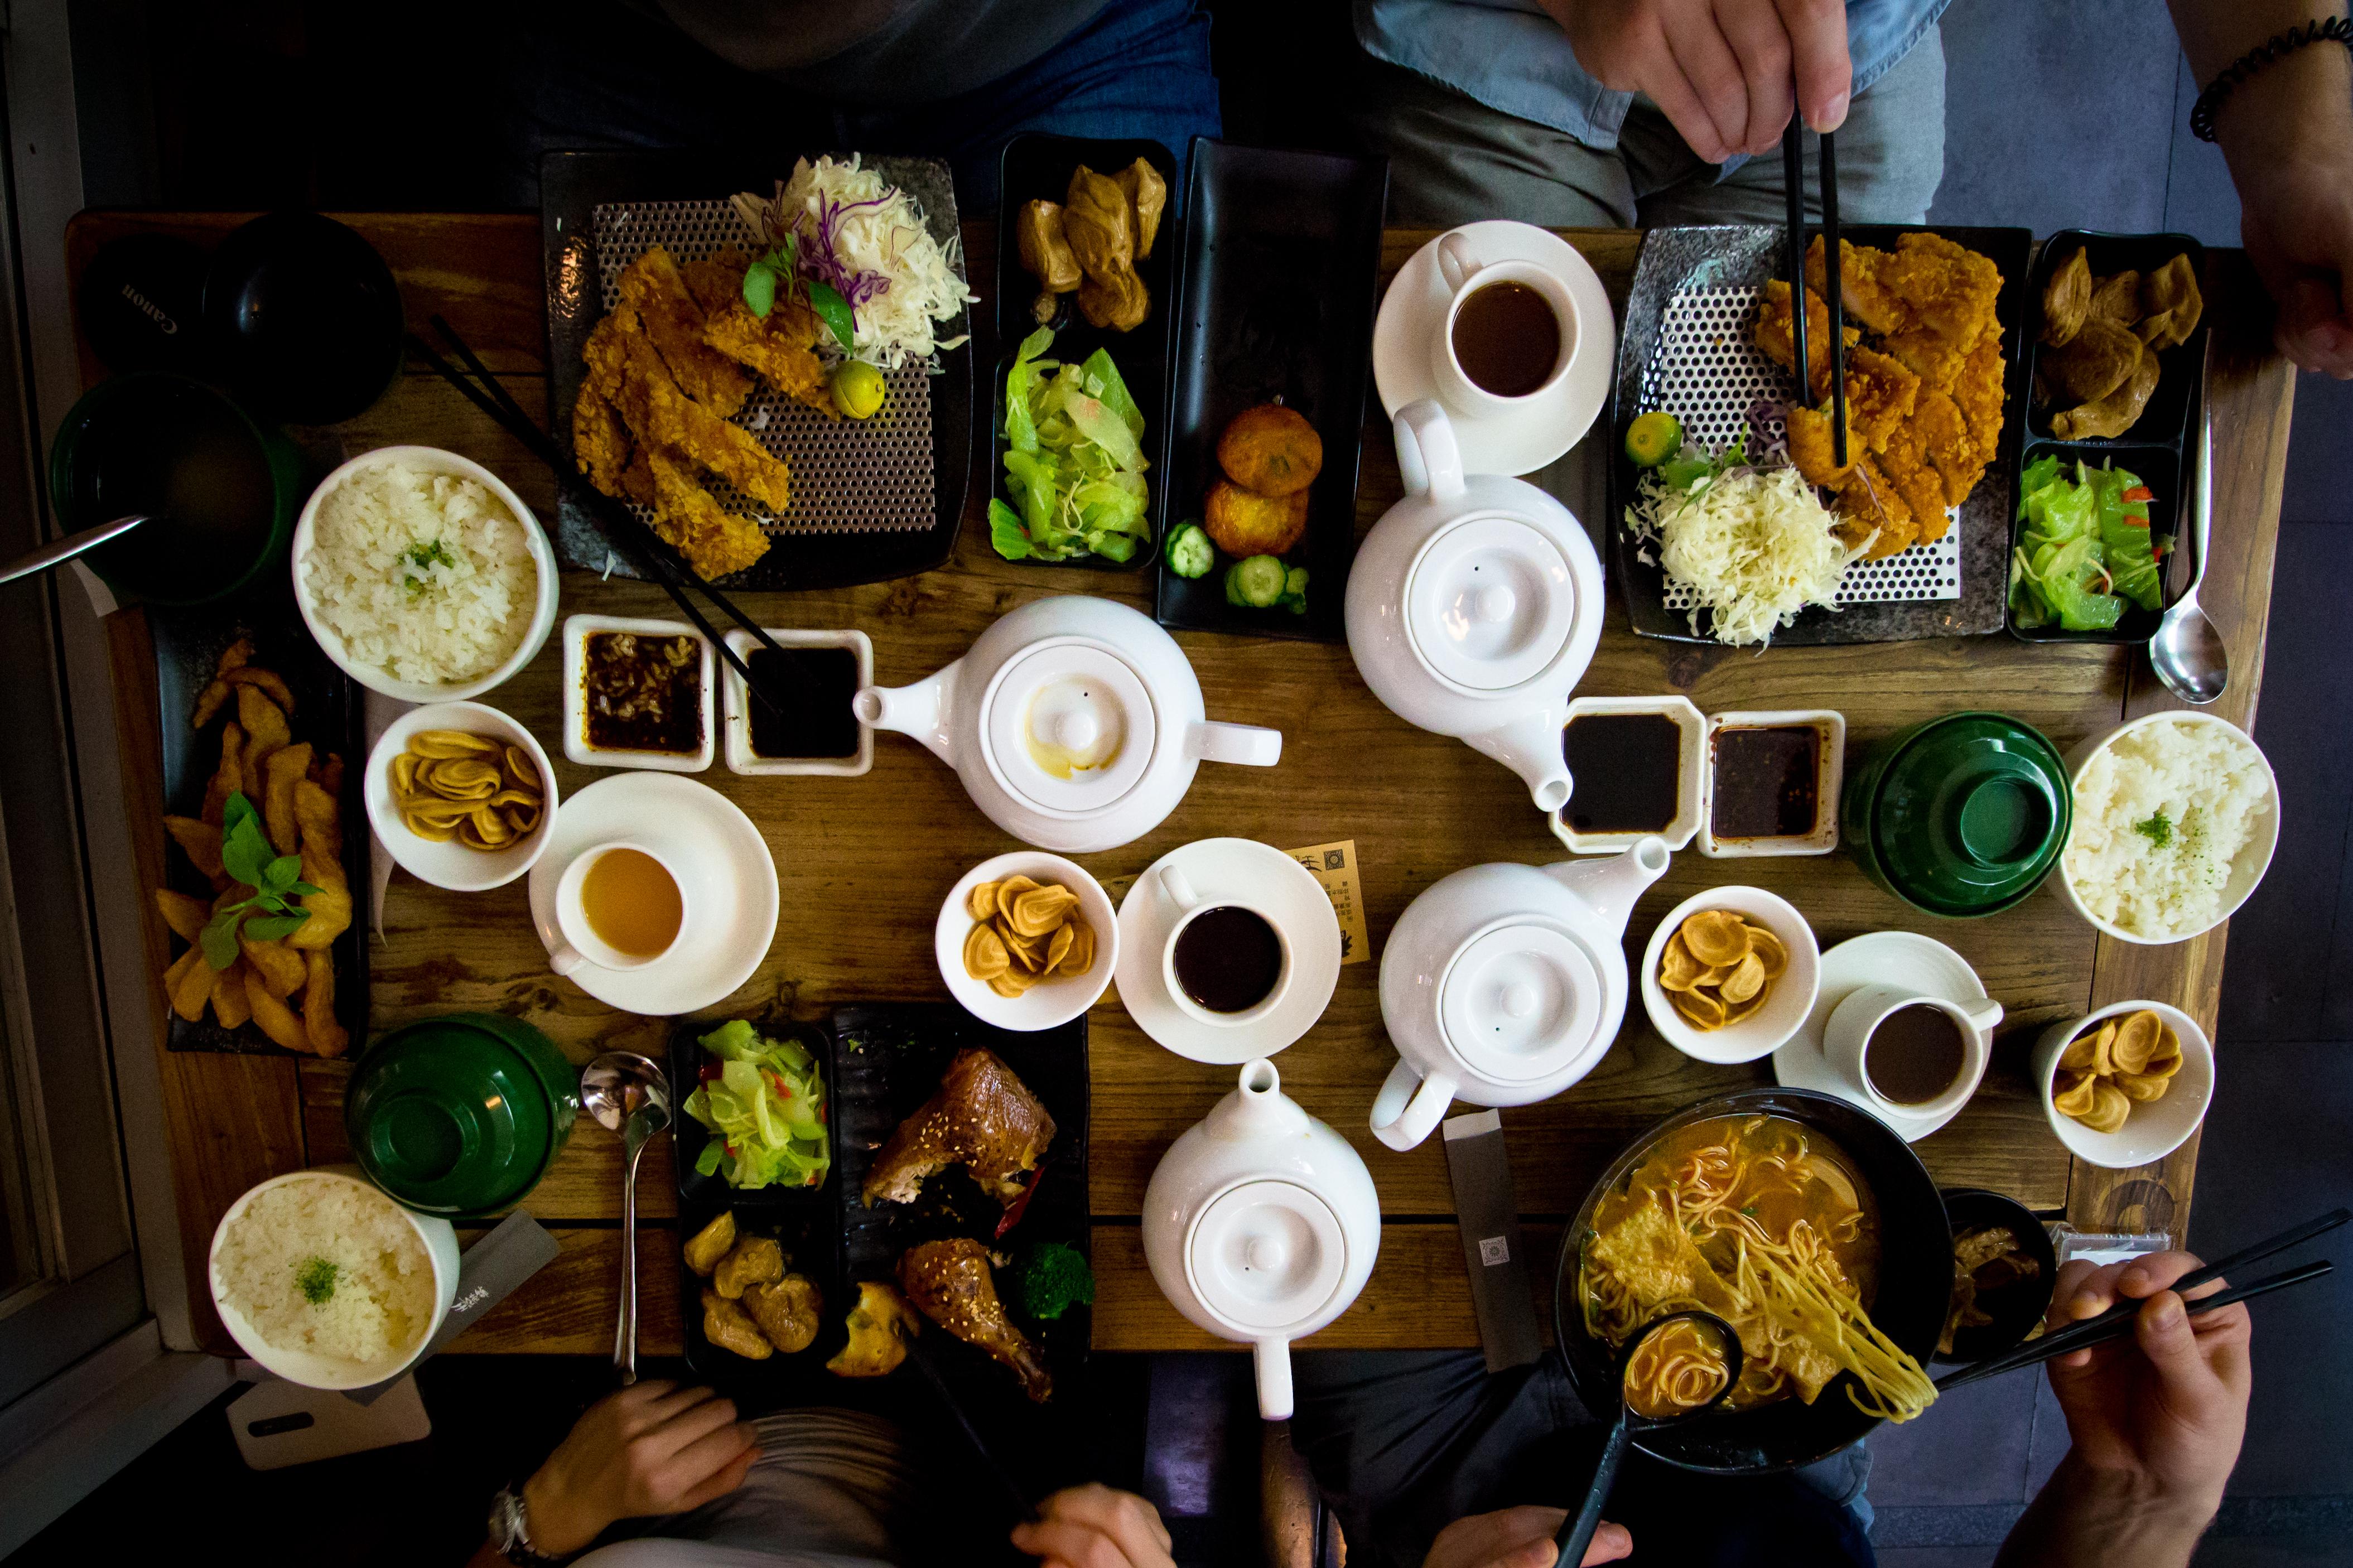 Flat Lay Photo of Katsu, Tea Set, and Bowl of Ramen